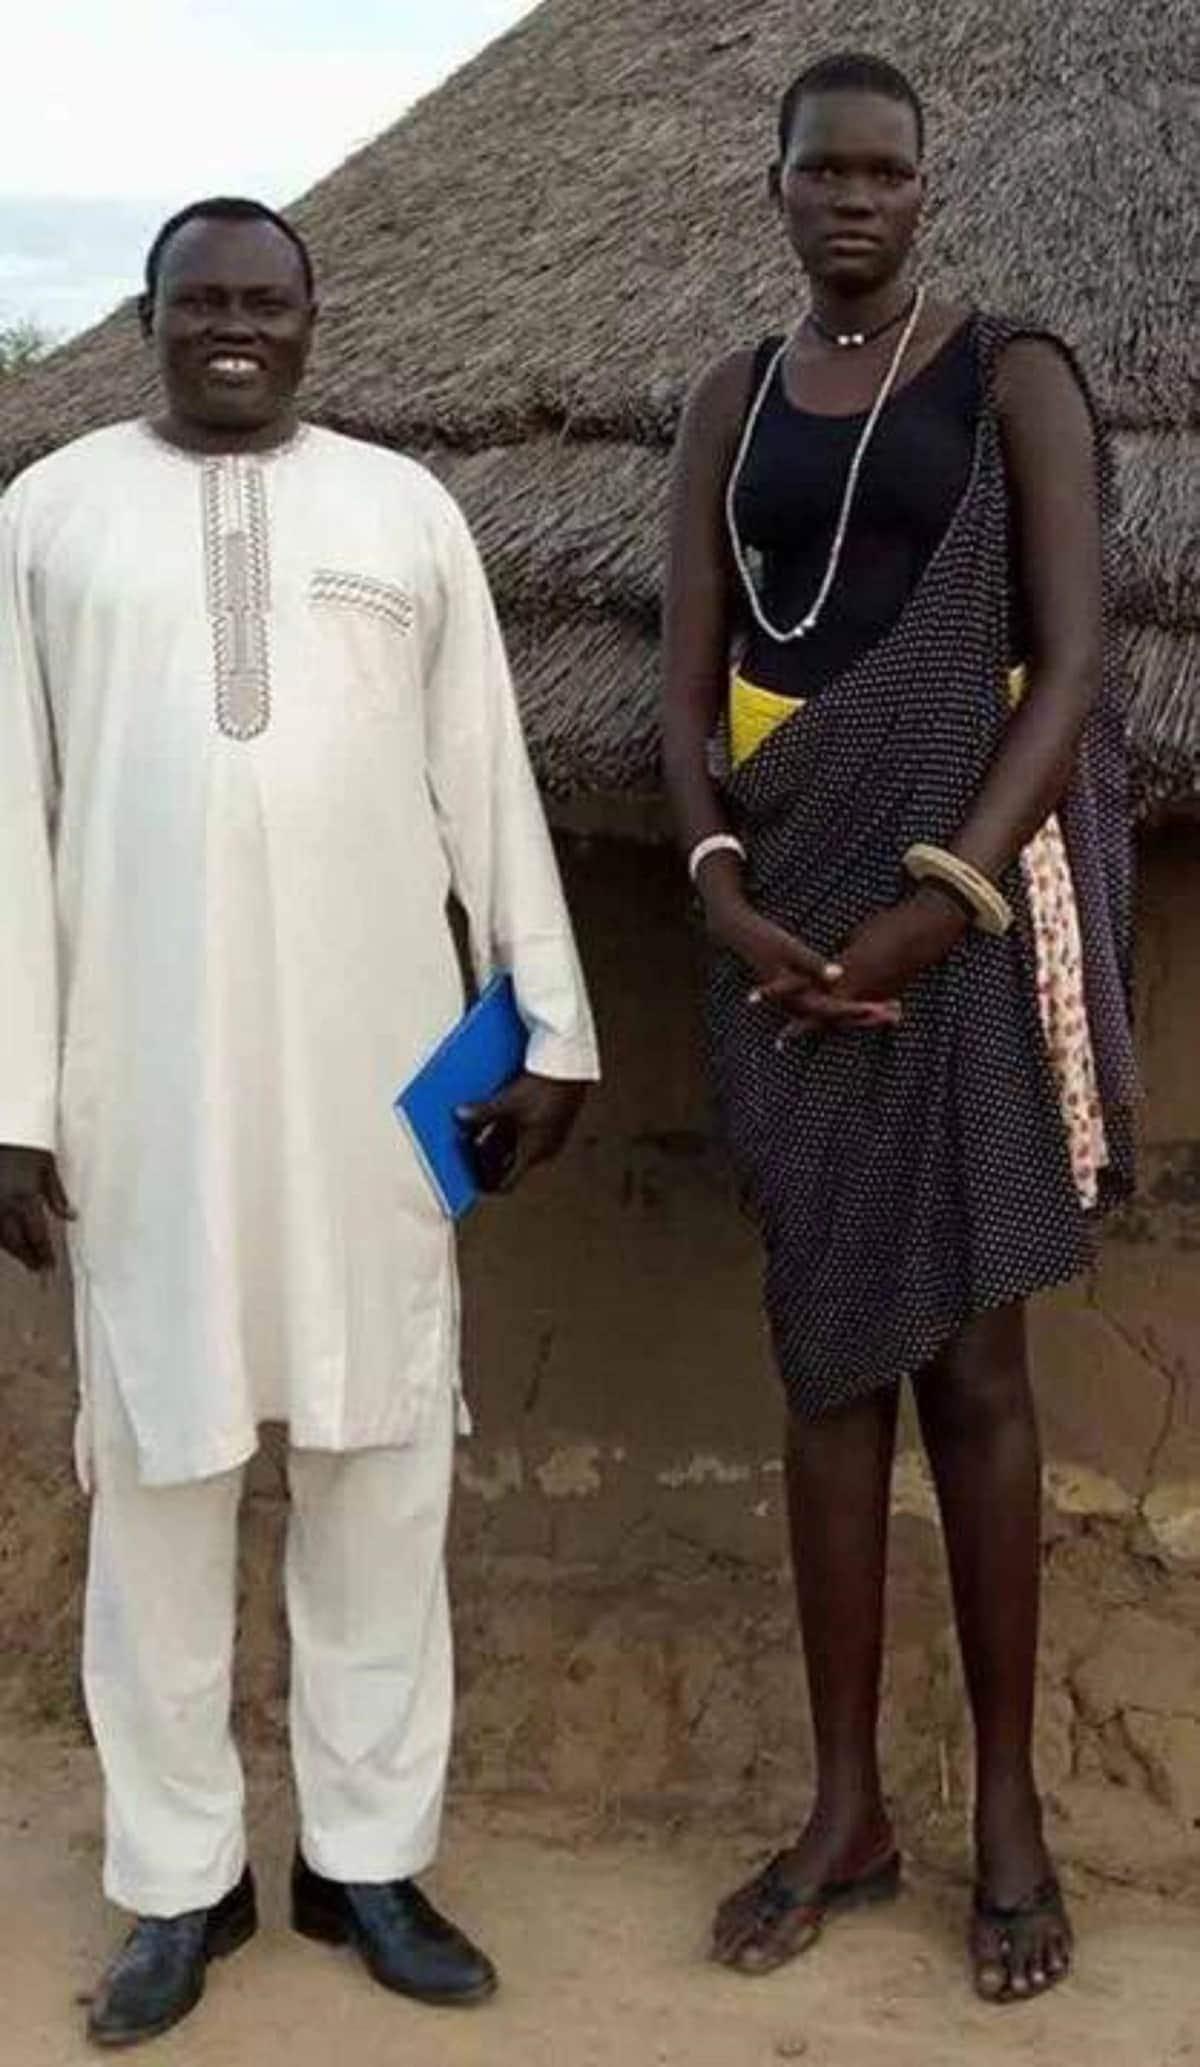 Mrembo wa Sudan Kusini ambaye mahari yake ni ng'ombe 520 na magari 3